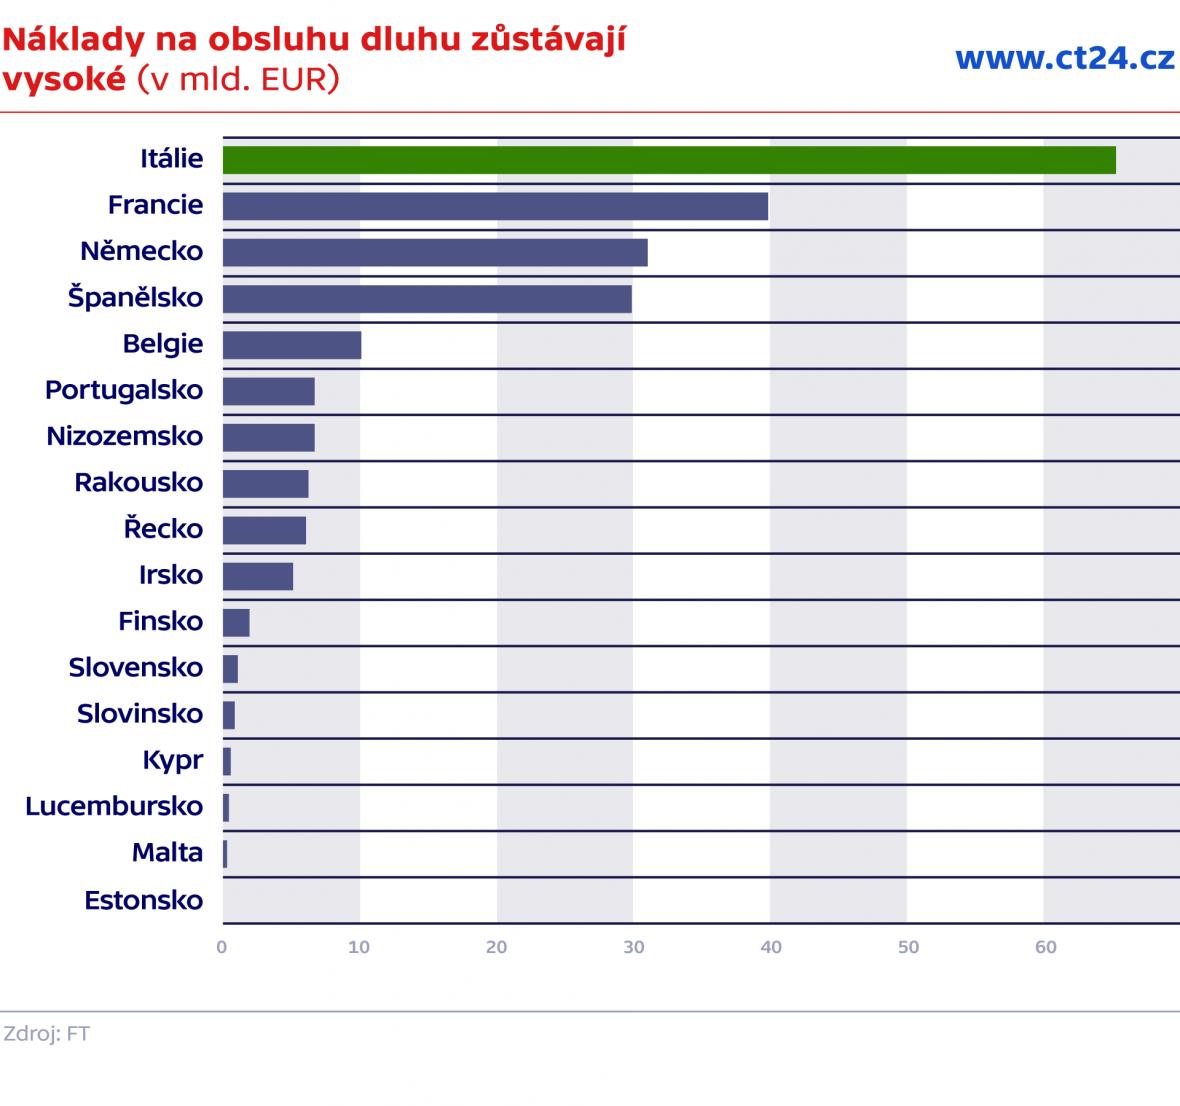 Náklady na obsluhu dluhu zůstávají vysoké (v mld. EUR)